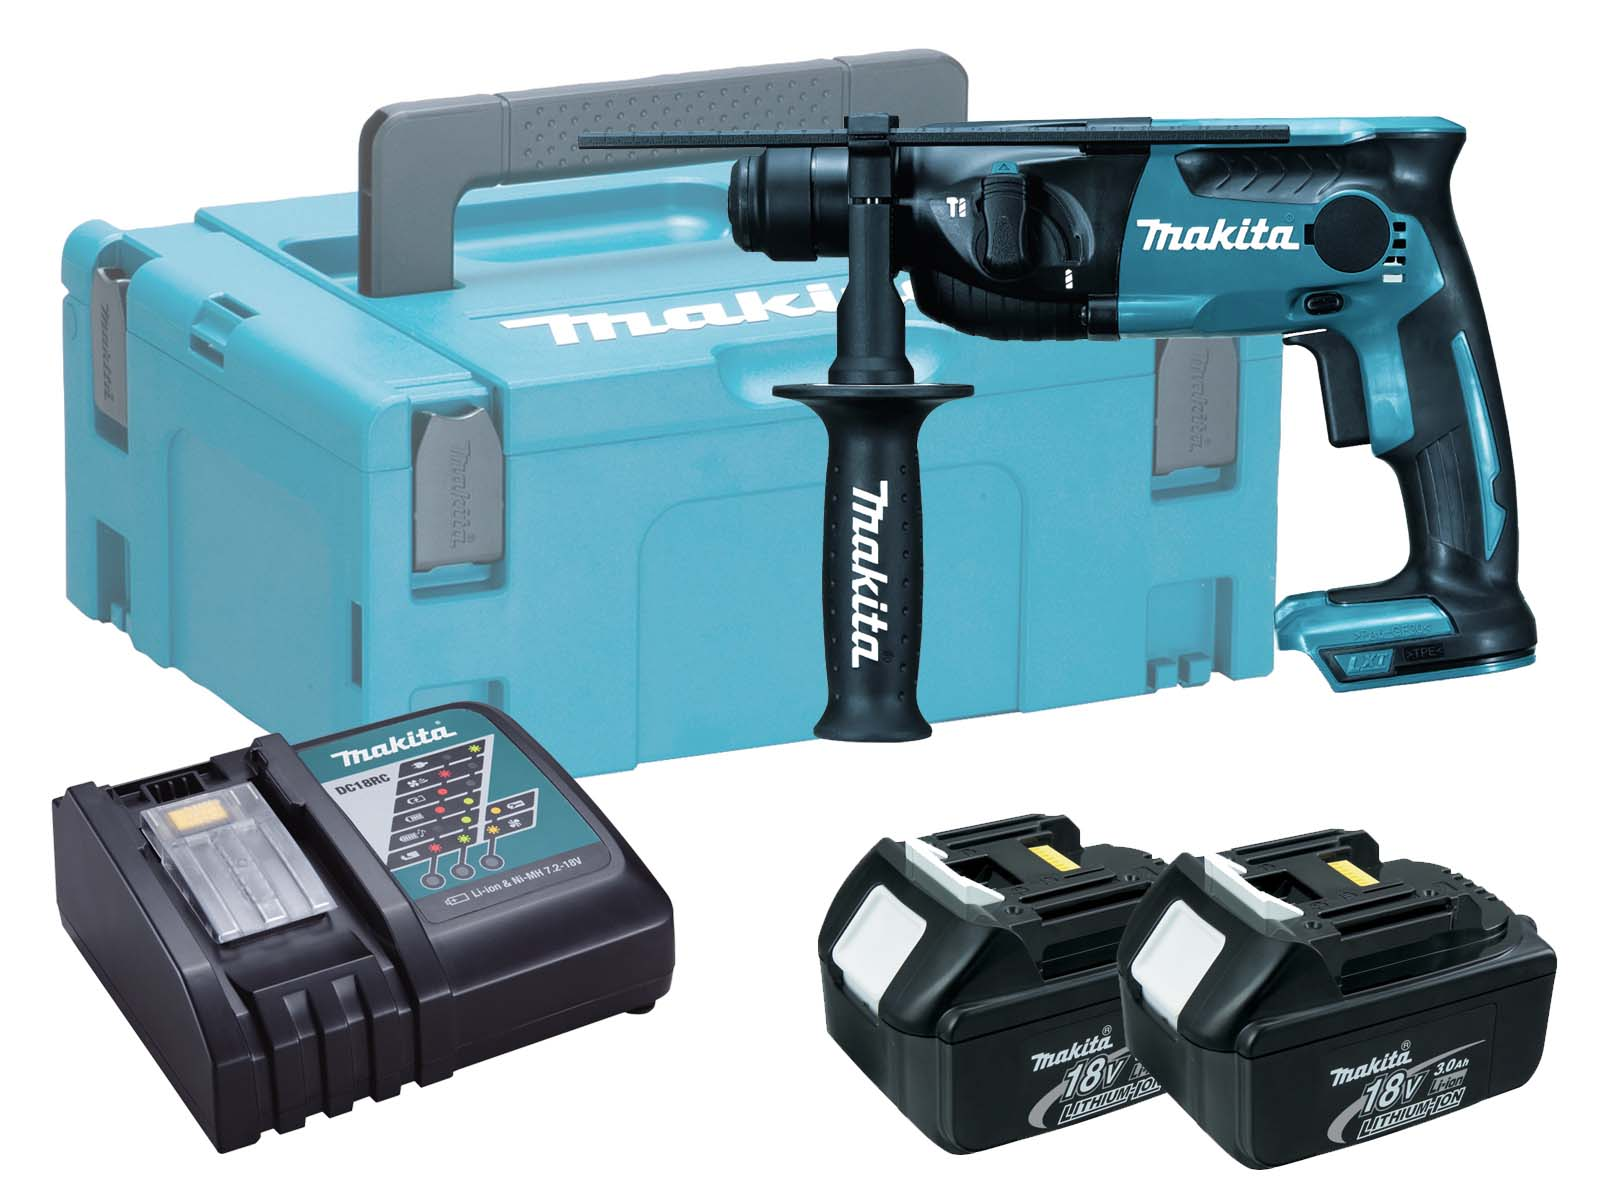 Makita 18V Brushed 2-Mode SDS Hammer Drill - DHR165 - 3.0Ah Pack